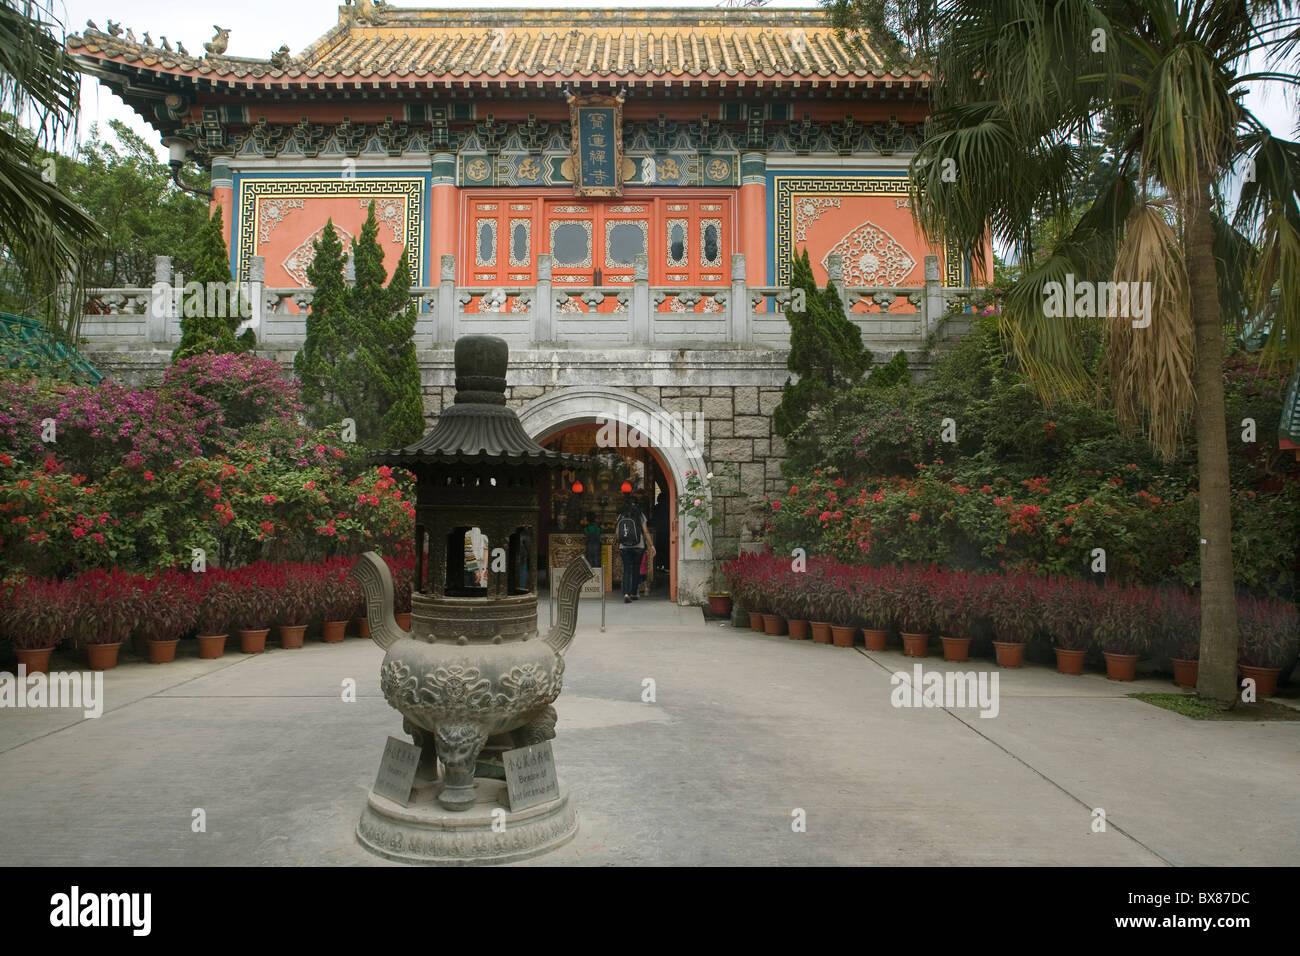 China Hong Kong Lantau Po Lin Monastery gateway - Stock Image